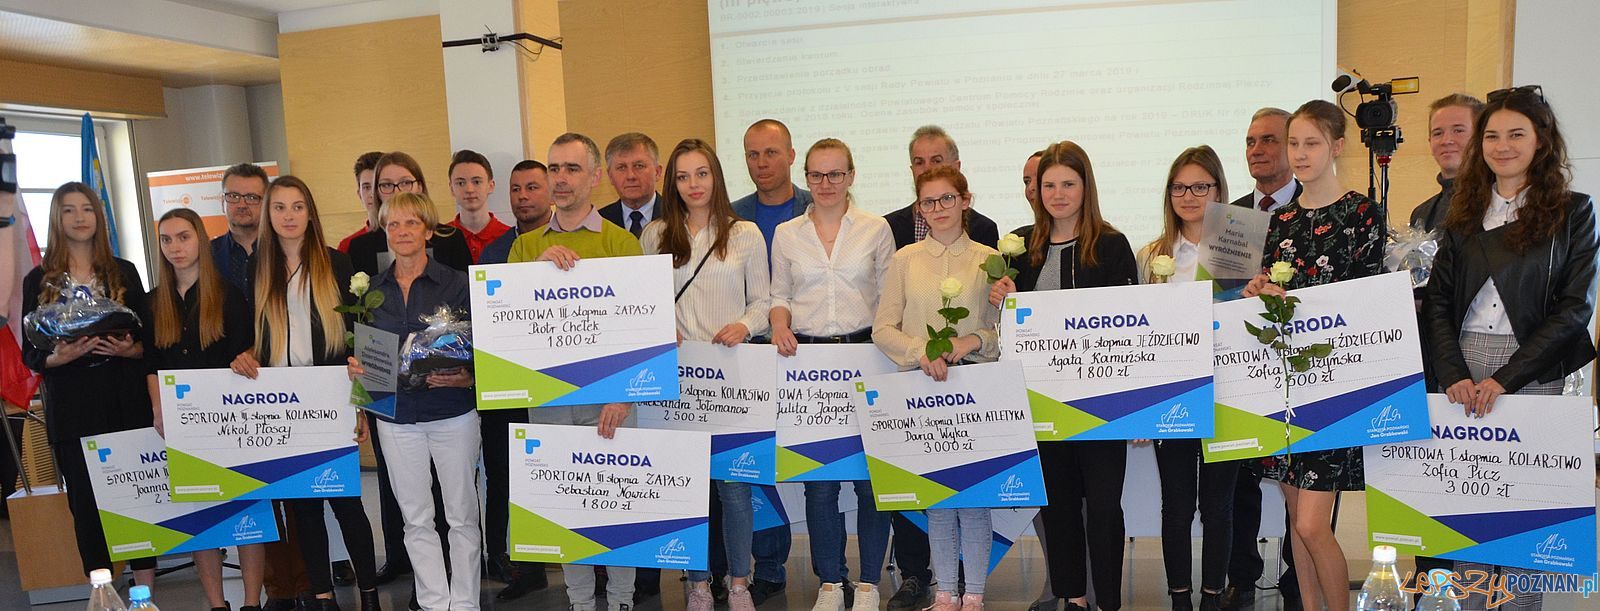 Najlepsi sportowcy Powiatu Poznańskiego  Foto: materiały prasowe